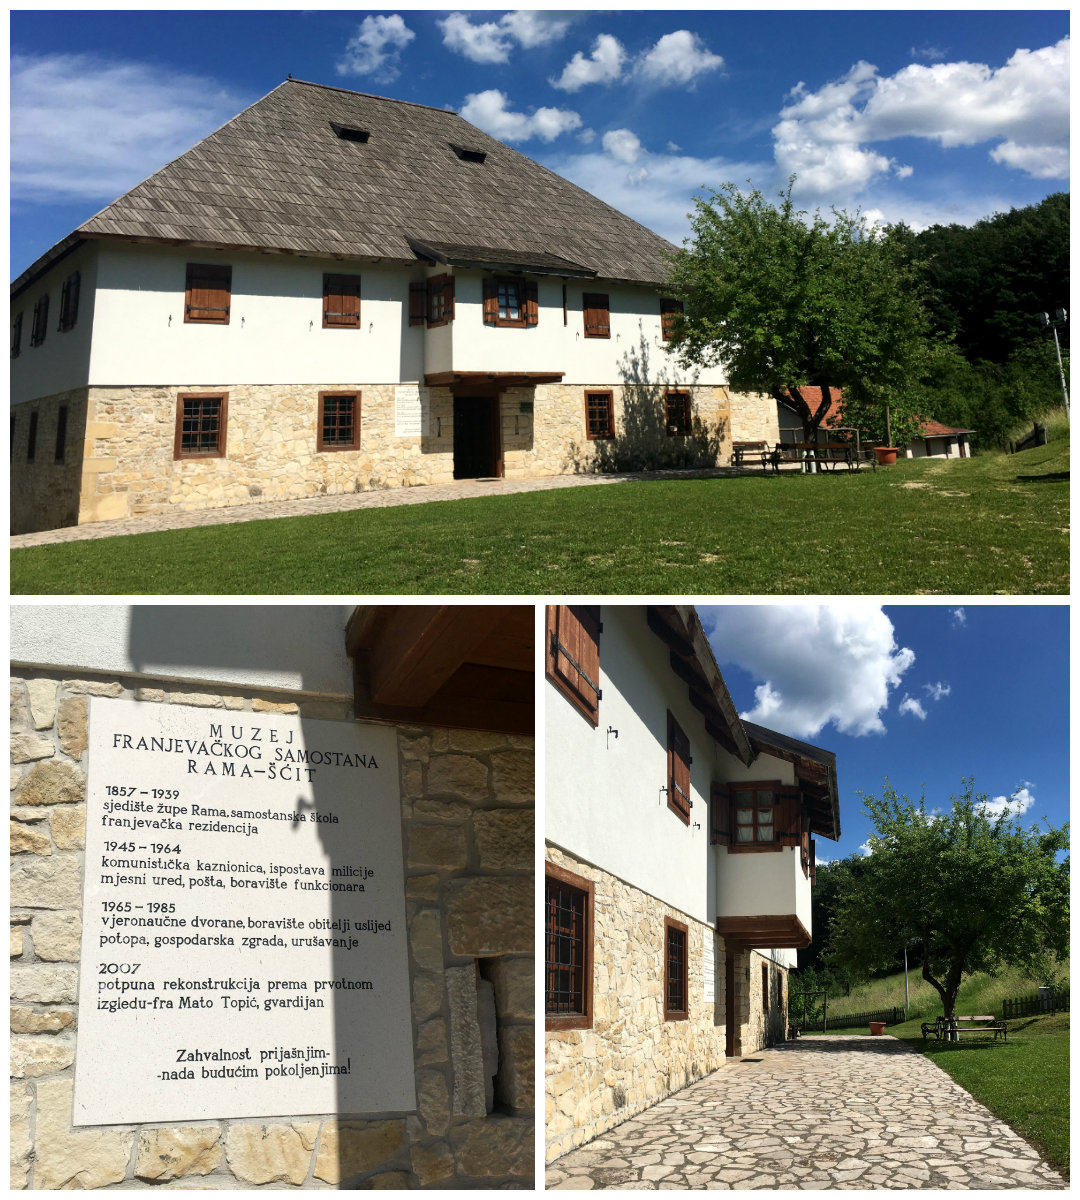 Muzej Franjevačkog samostana